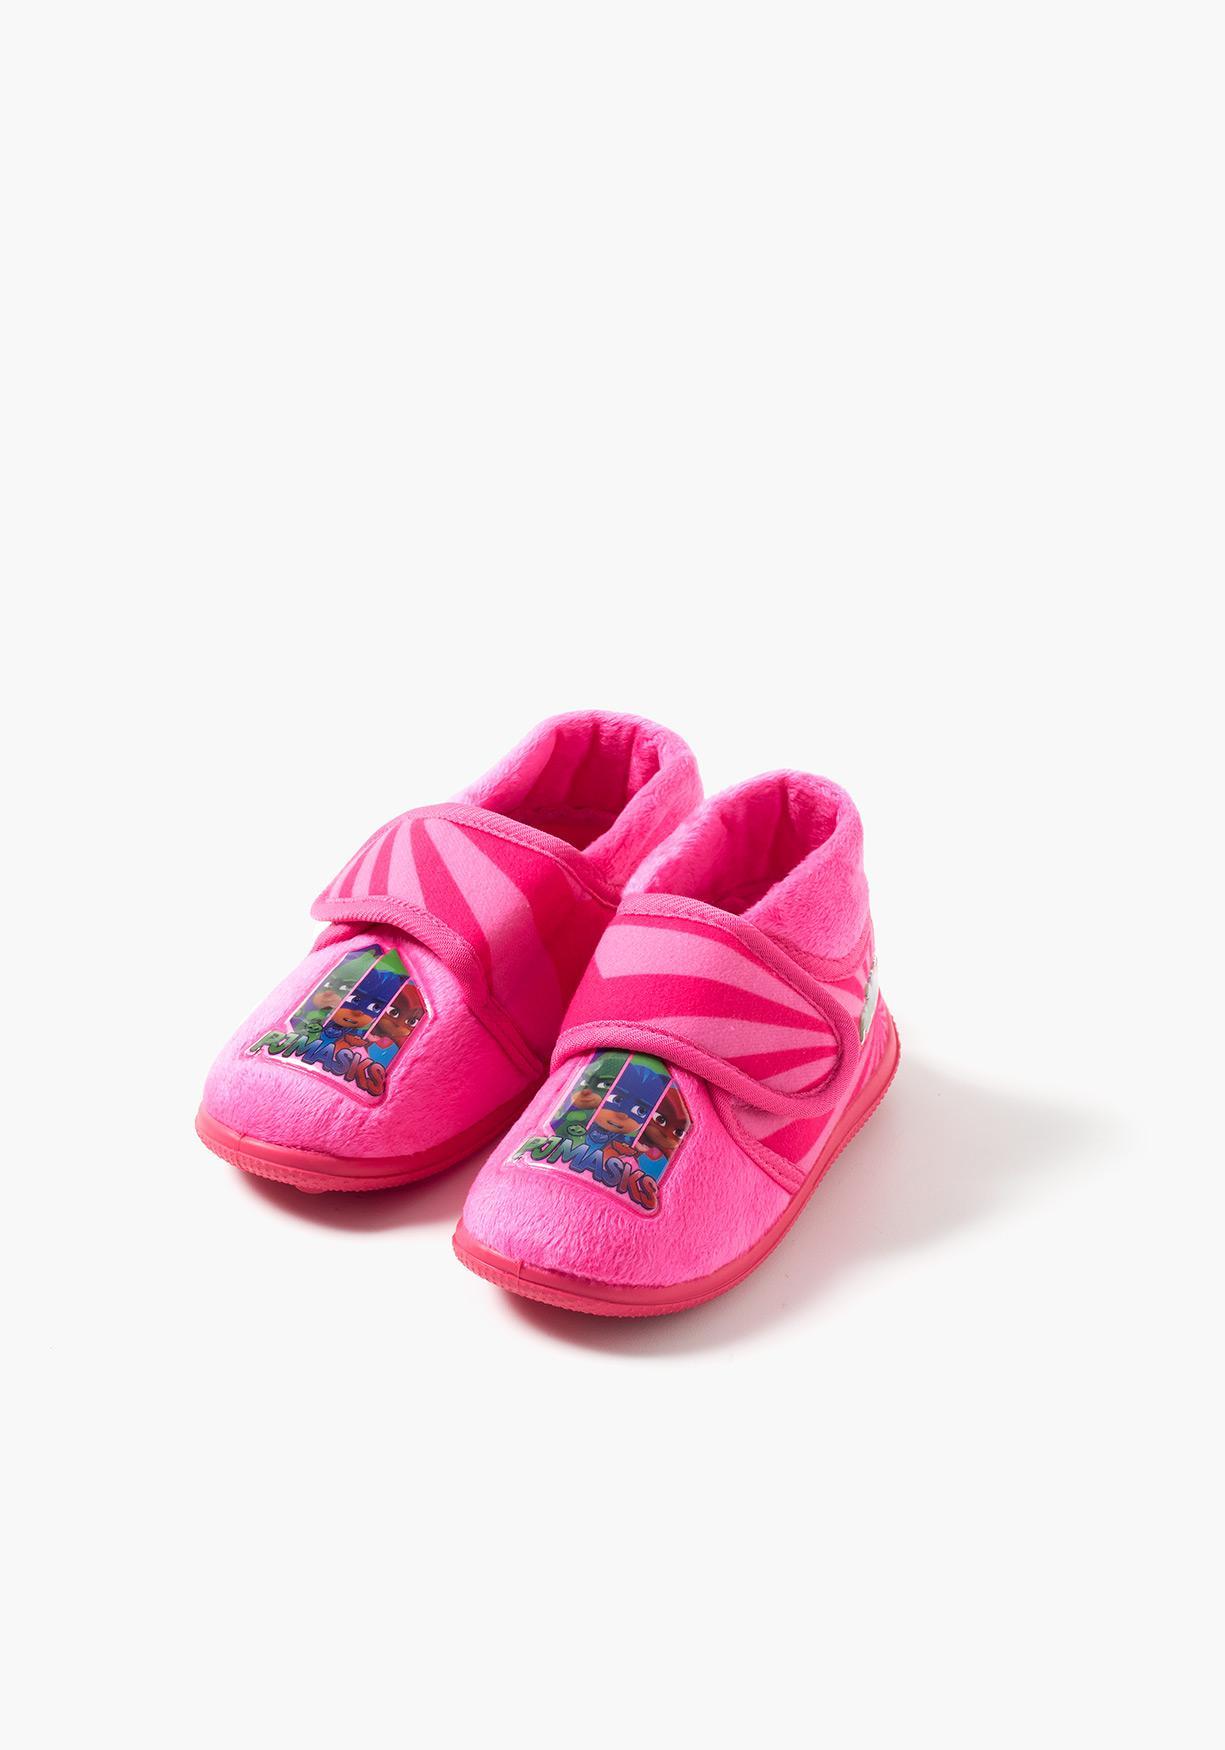 Comprar zapatillas de estar por casa pjmasks tallas 20 a 27 aprov chate de nuestros precios - Zapatillas casa nino carrefour ...